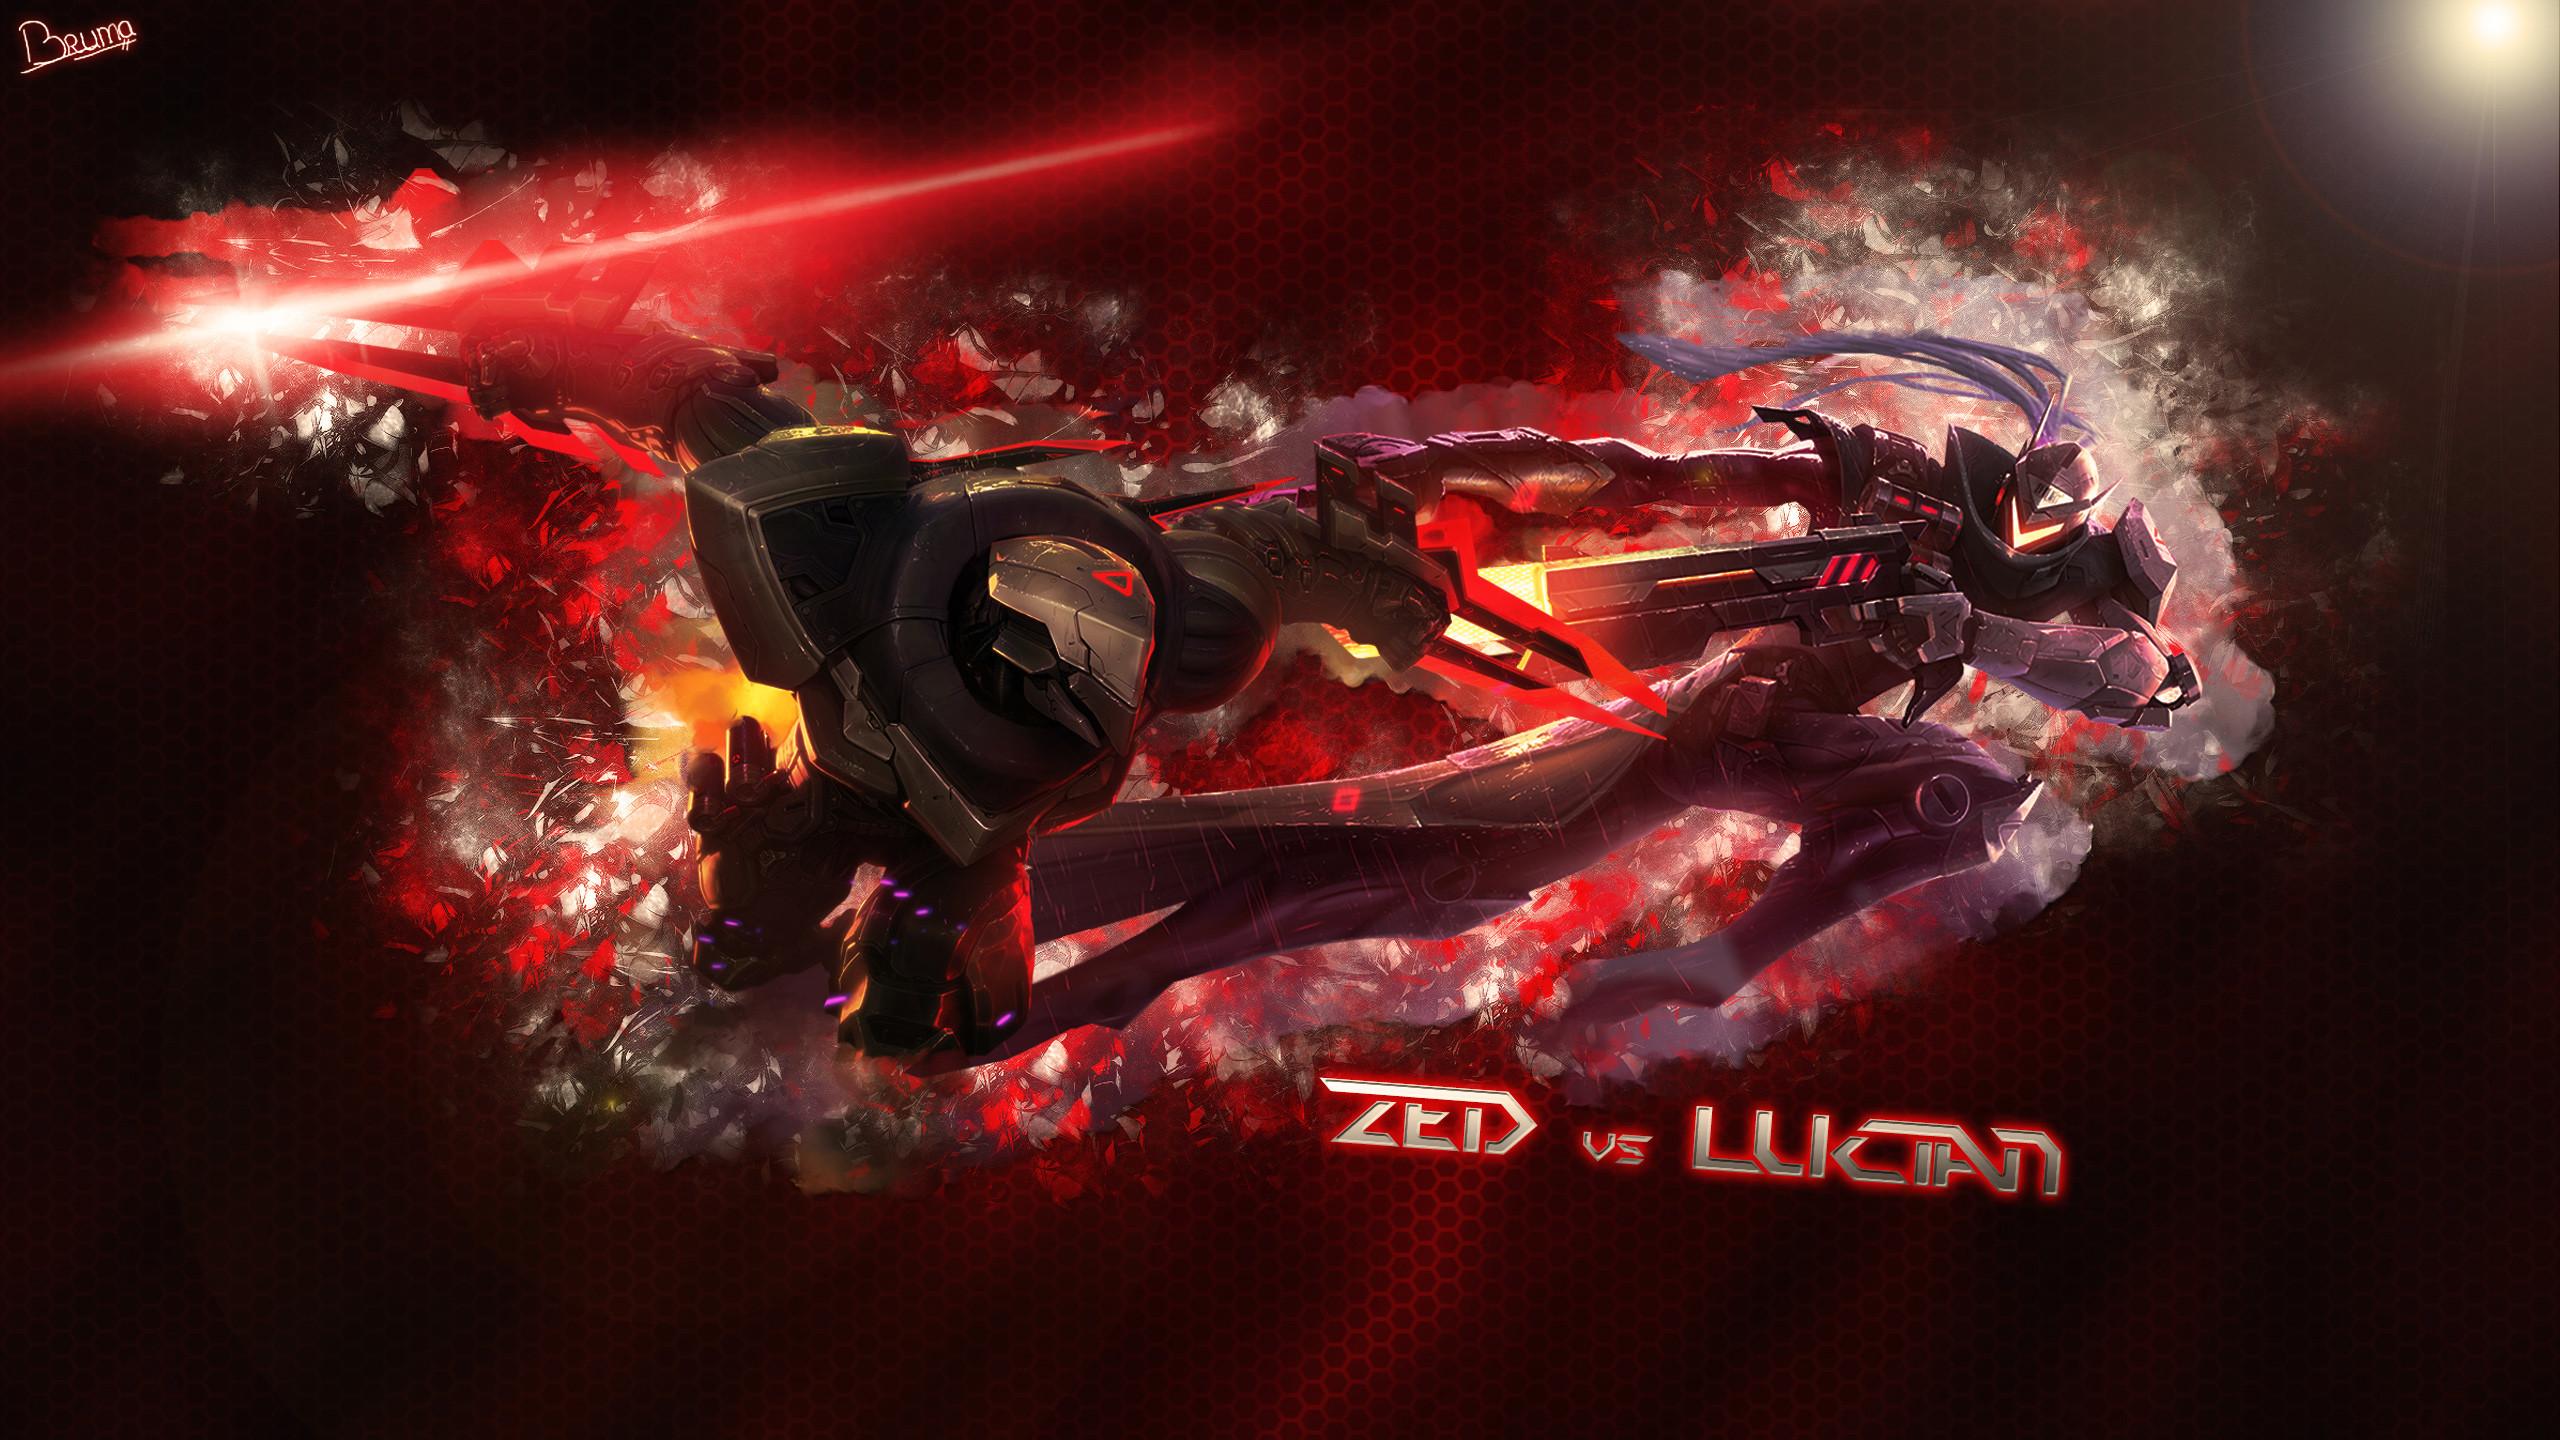 PROJECT Zed Vs Lucian by Brumskyy HD Wallpaper Fan Art Artwork League of  Legends lol